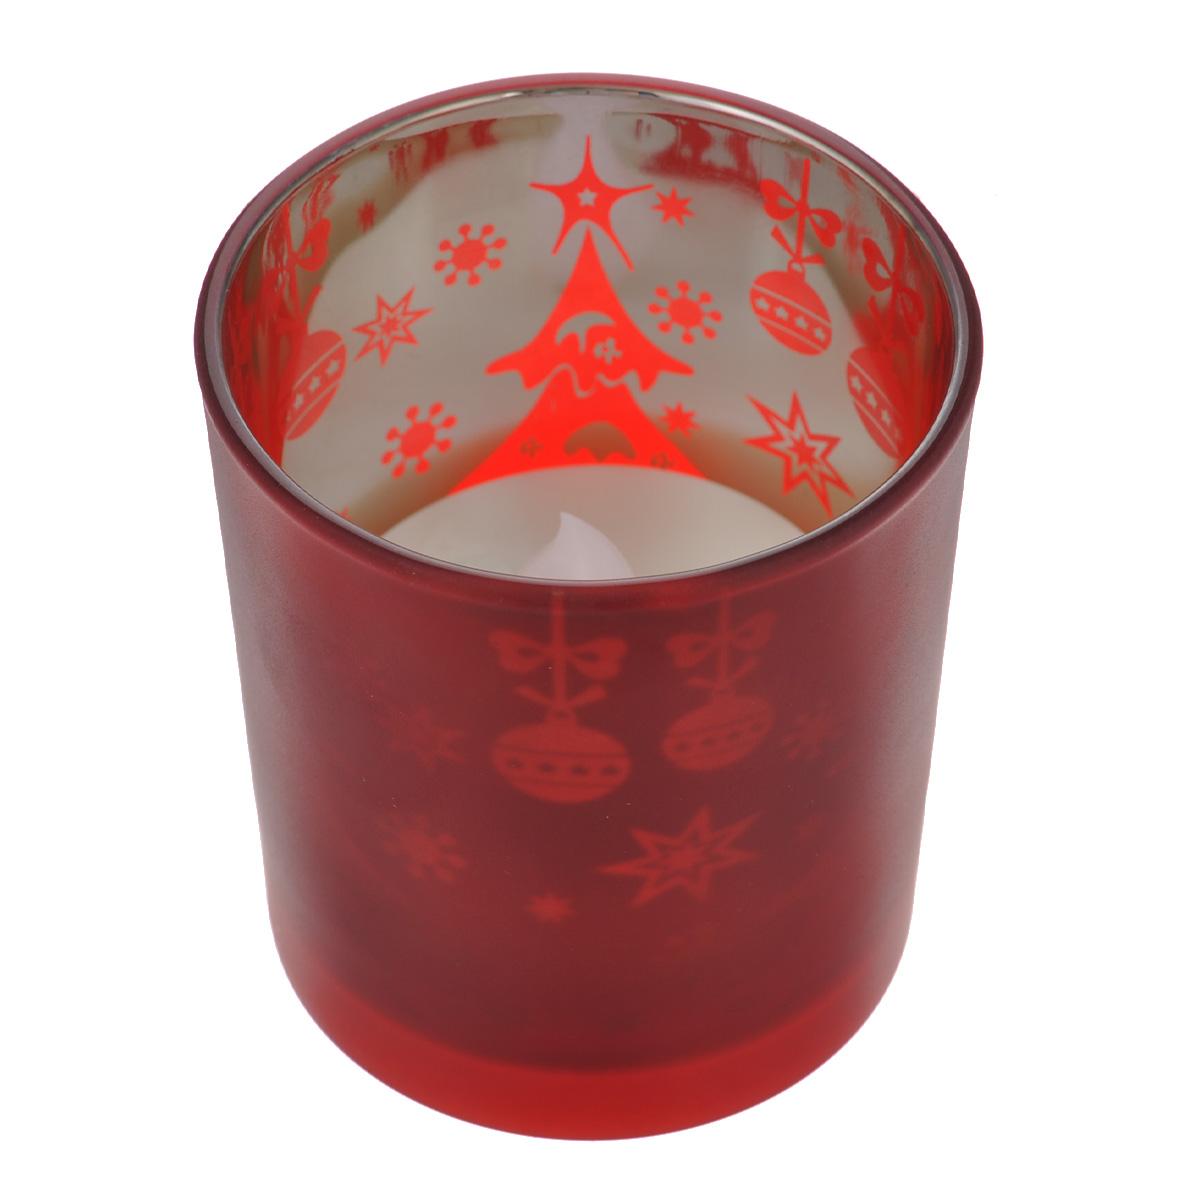 Свеча светодиодная Новый год, в стакане, цвет: красный5055398669907Свеча Новый год выполнена из высококачественного пластика и расположена в стеклянном стакане. Стакан декорирован новогодним рисунком. Особенностью свечи является наличие светодиодного устройства, благодаря которому она светится. Светодиоды расположены внутри корпуса и при включении свеча наполняется мягким светом, подсвечивая стакан изнутри. Приятный мерцающий свет создаст романтическое настроение. Из за использования светодиодного устройства отсутствует риск возгорания, свеча не оставляет восковых пятен. Продолжительный срок службы - 150 часов непрерывной работы до полной разрядки батареи. Свеча экологична, не выделяет запаха. Свеча работает от 2-х батареек ААА, напряжением 1.5V. Батарейки в комплект не входят. Диаметр стакана (по верхнему краю): 7 см. Высота стакана: 7,5 см. Размер свечи: 5,5 см х 5,5 см х 4,5 см.